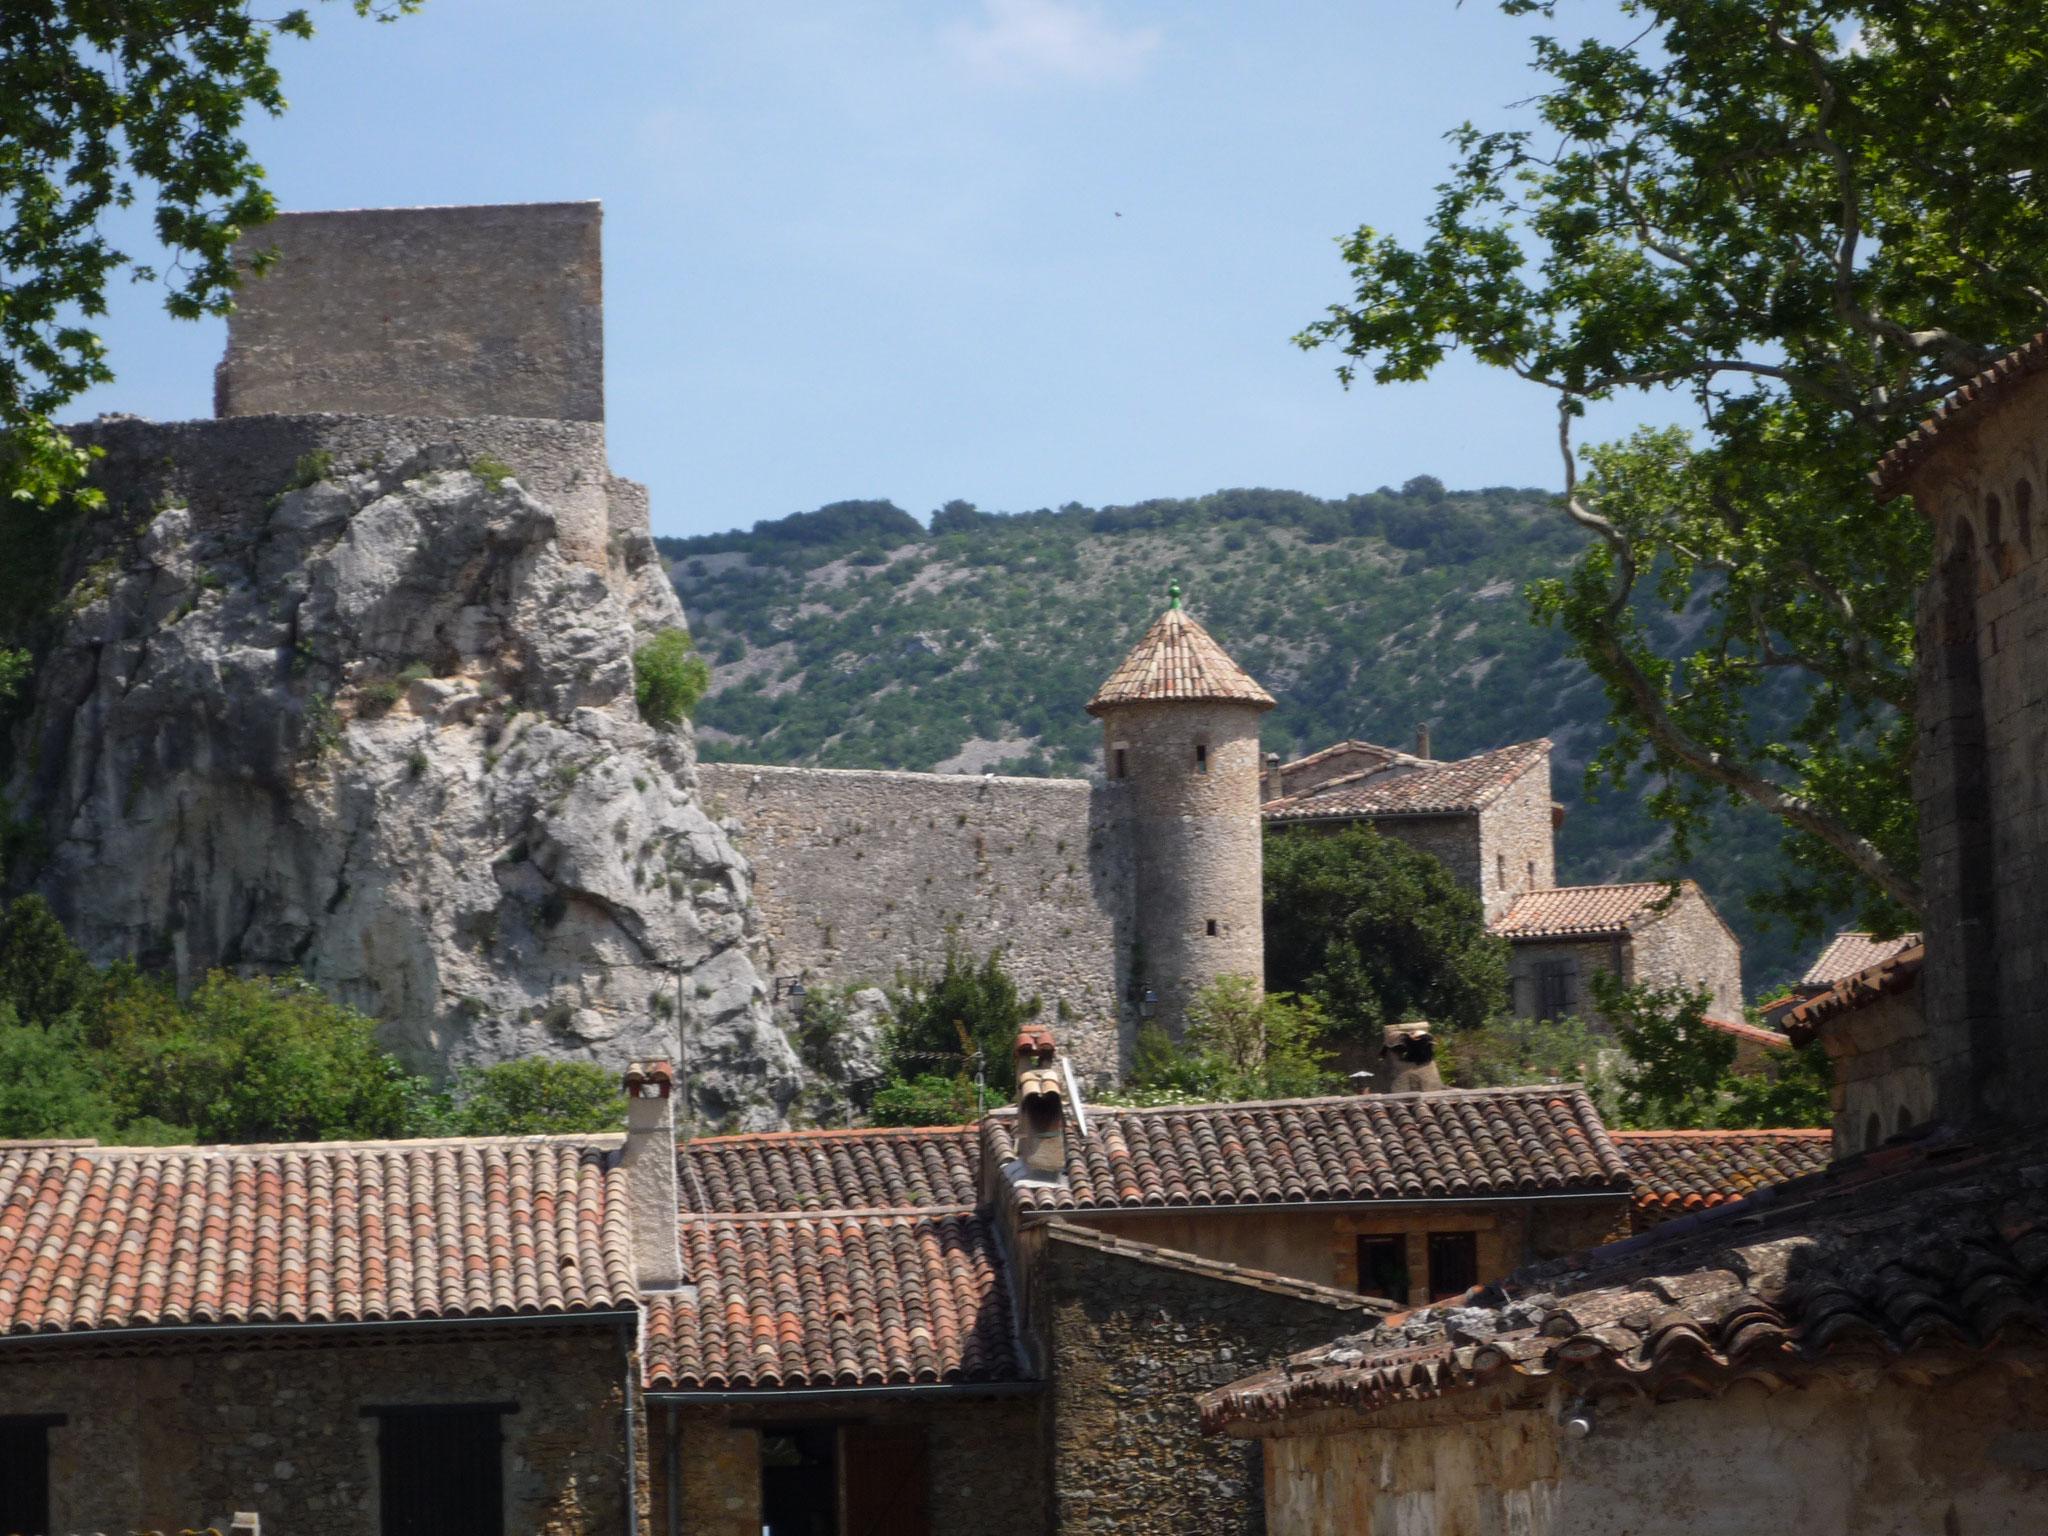 Le Château de Baulx vue depuis le village